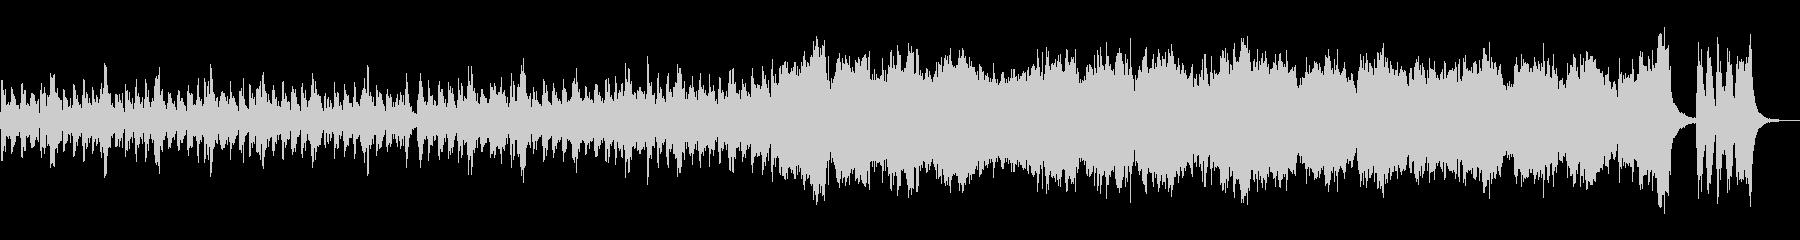 ファンタジー系ゲームの予告動画っぽい曲の未再生の波形